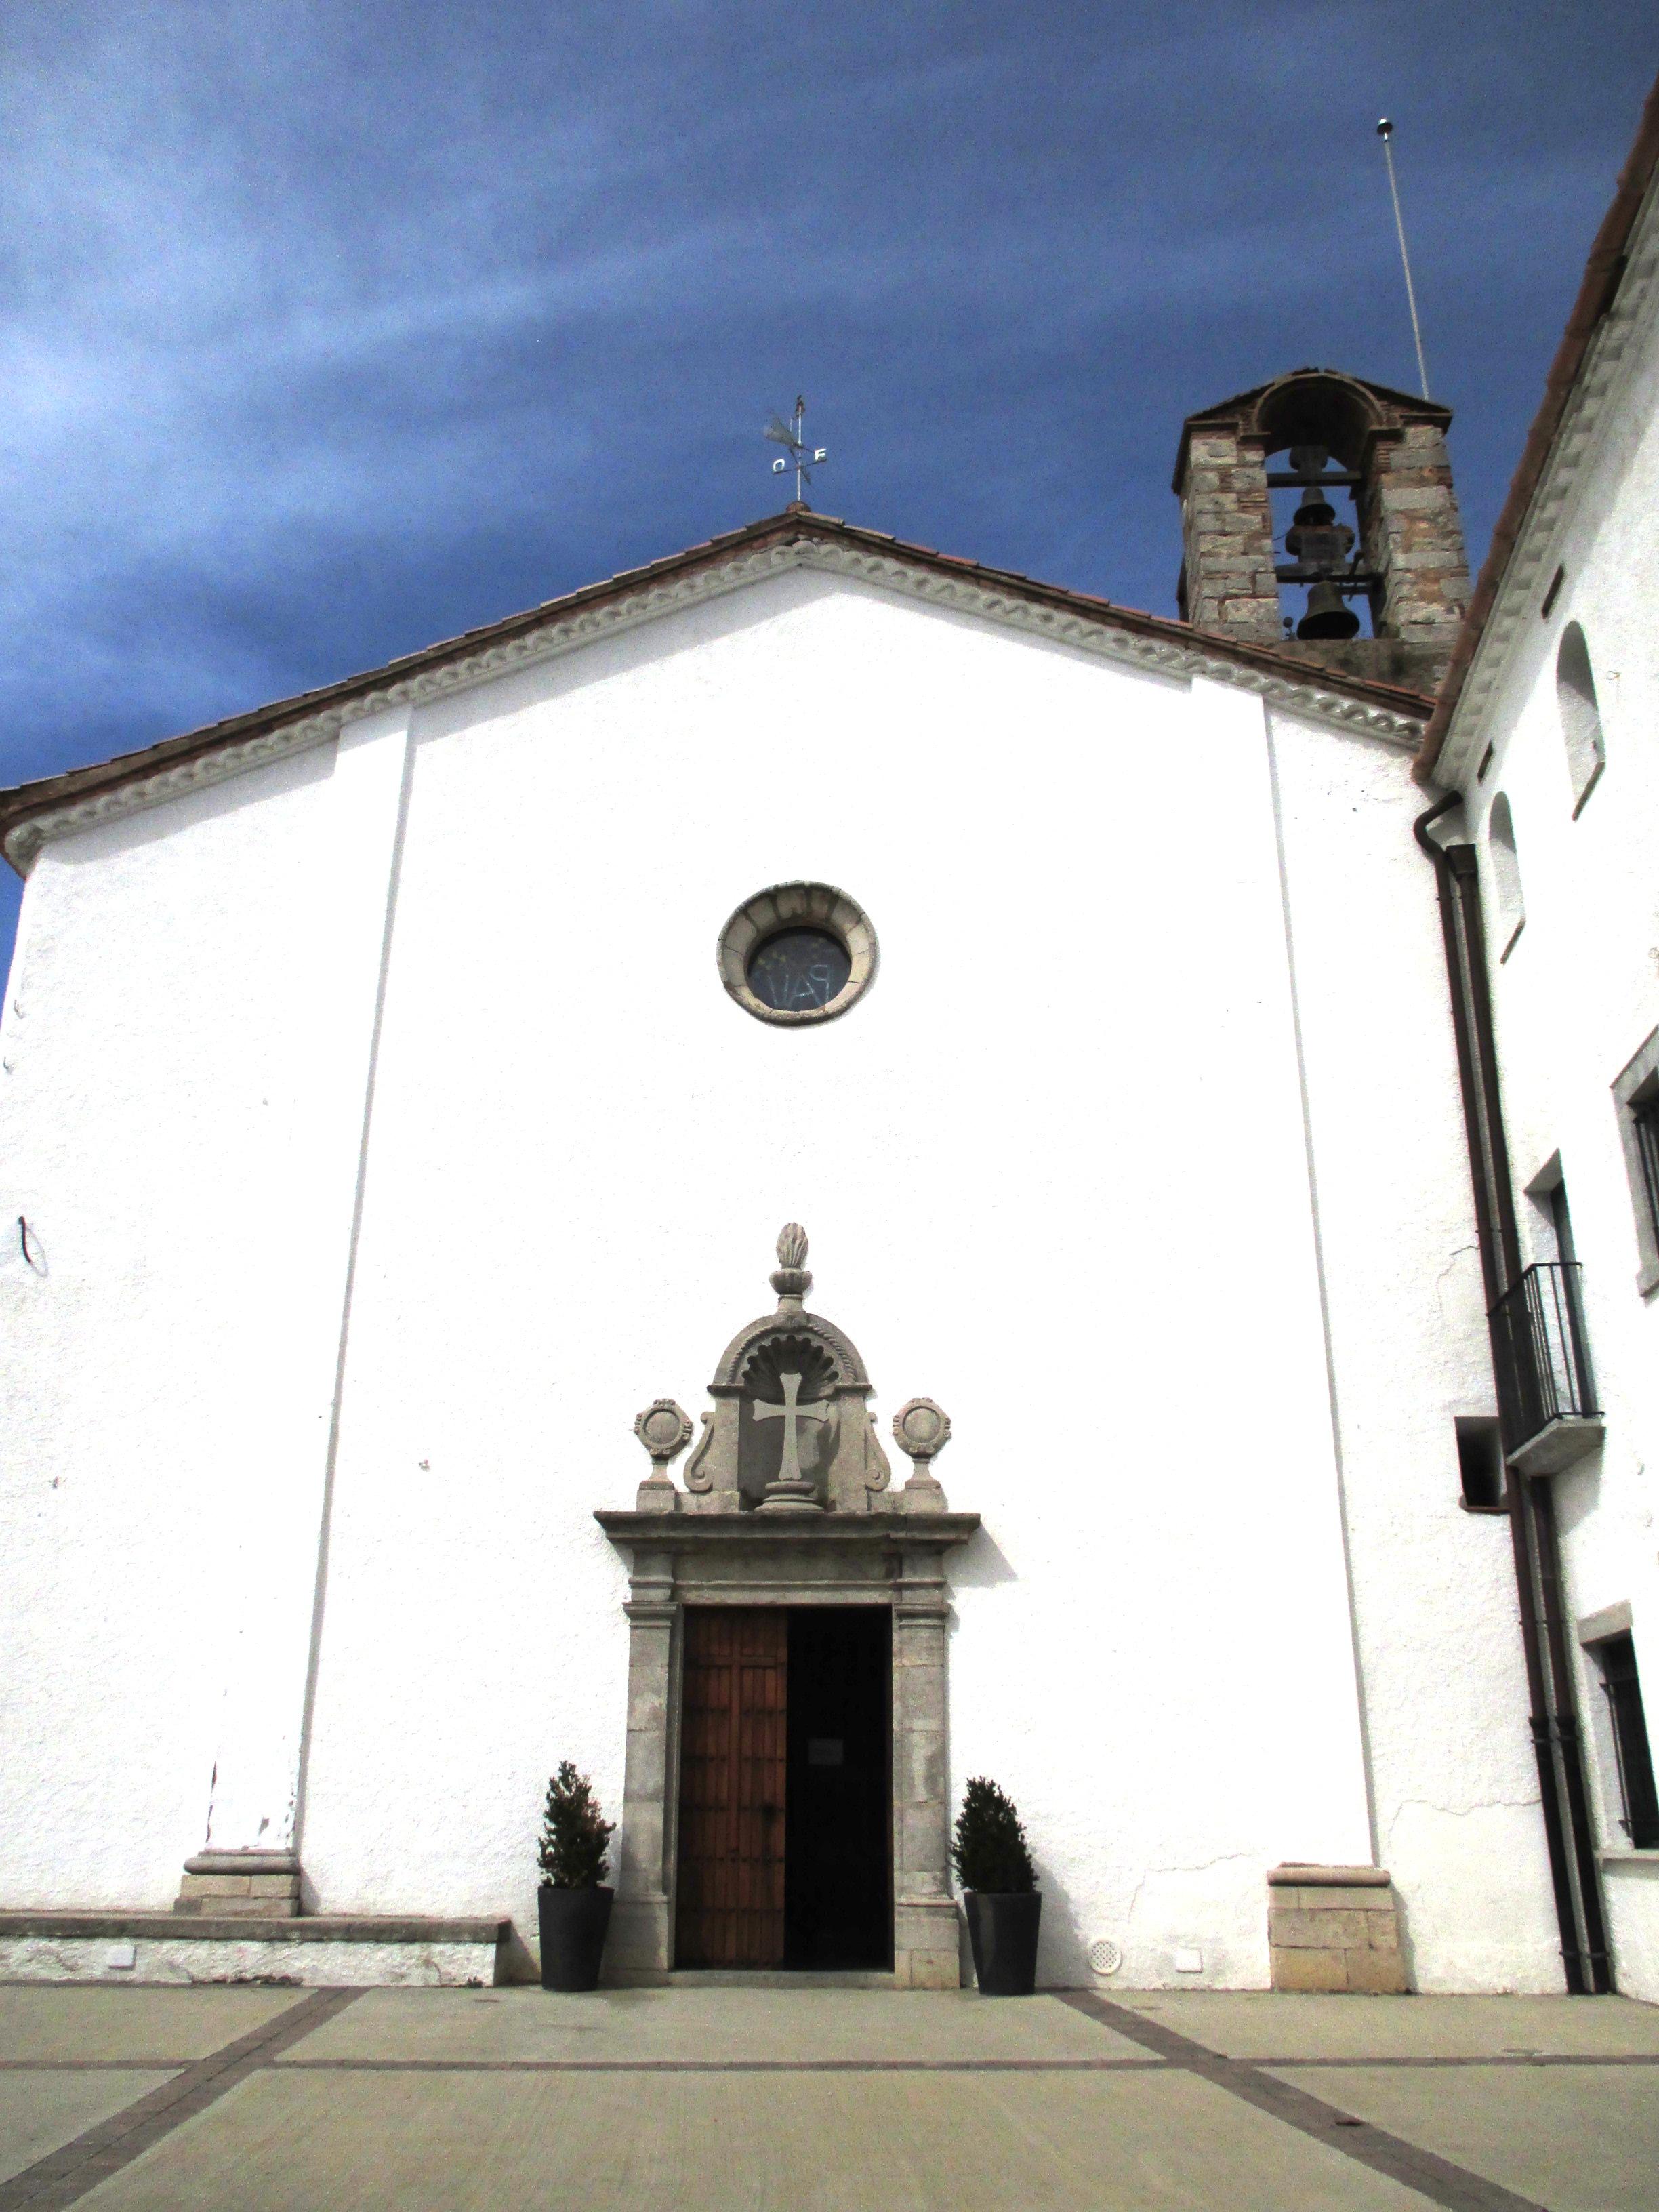 Dalt del cim anomenat Puig Alt, trobem el Santuari dels Àngels. El conjunt del santuari compta amb una església i una hostatgeria. És un dels llocs més populars de les Gavarres. A la imatge veiem la façana blanca de l'església. Amb la seva porta de pedra treballada amb motius neoclàssics i el rosetó. Al fons a la dreta veiem el campanar senzill d'espadanya.